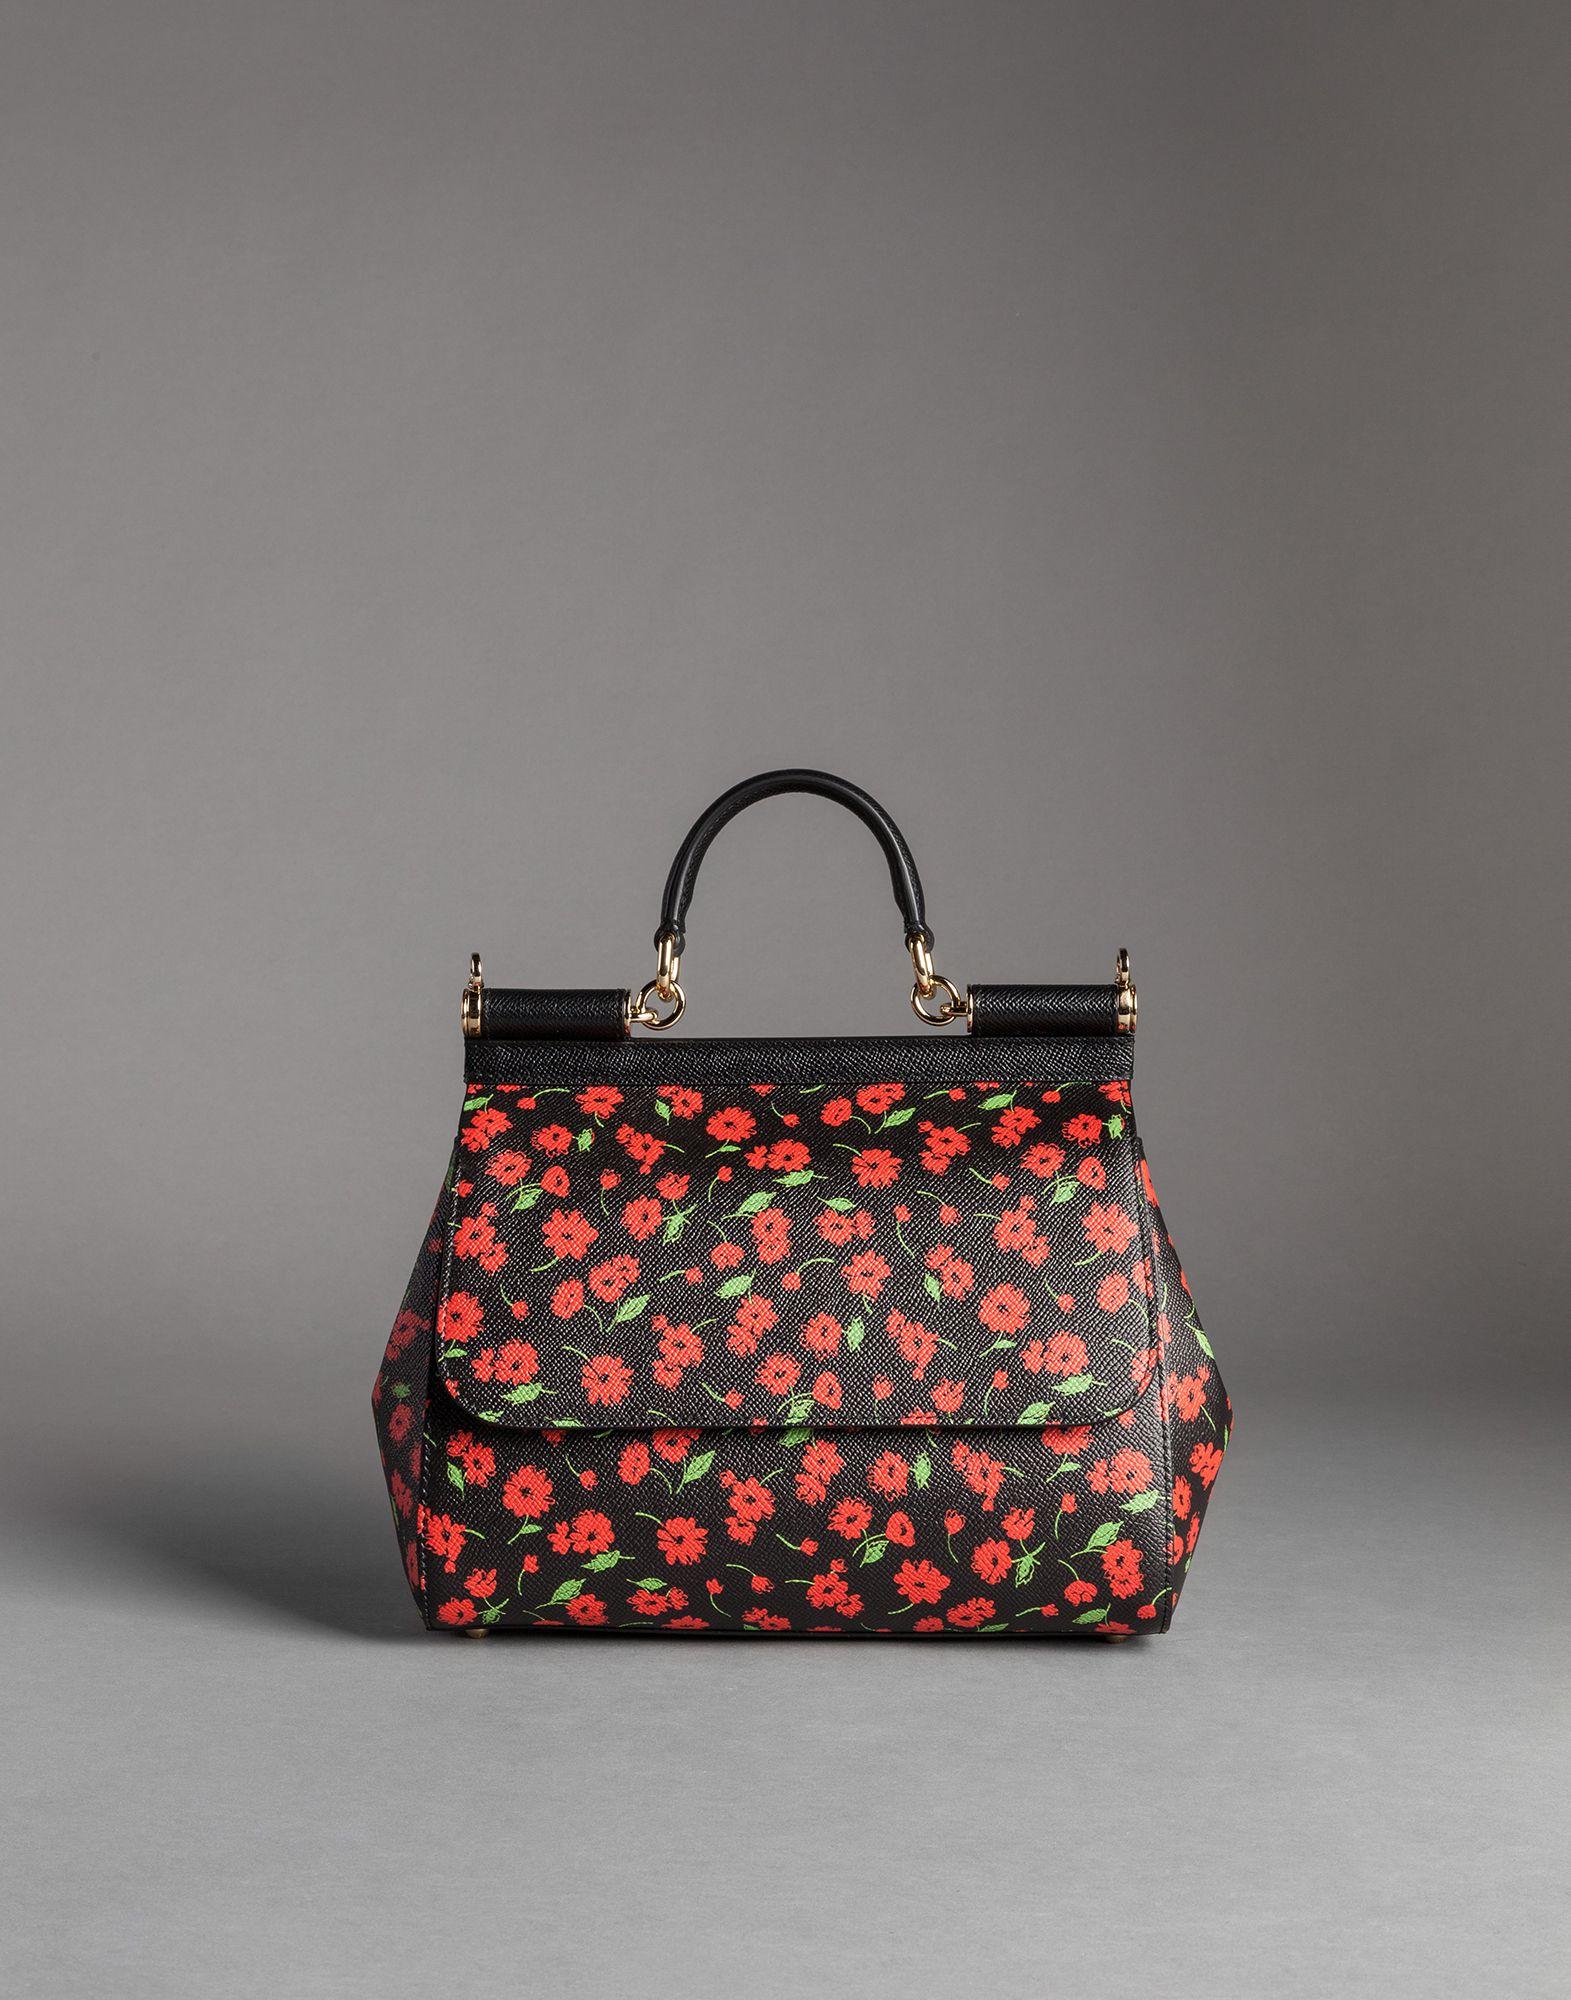 9180b8a9b6d6 Lyst - Dolce   Gabbana Flower Print Dauphine Calfskin Medium Sicily ...